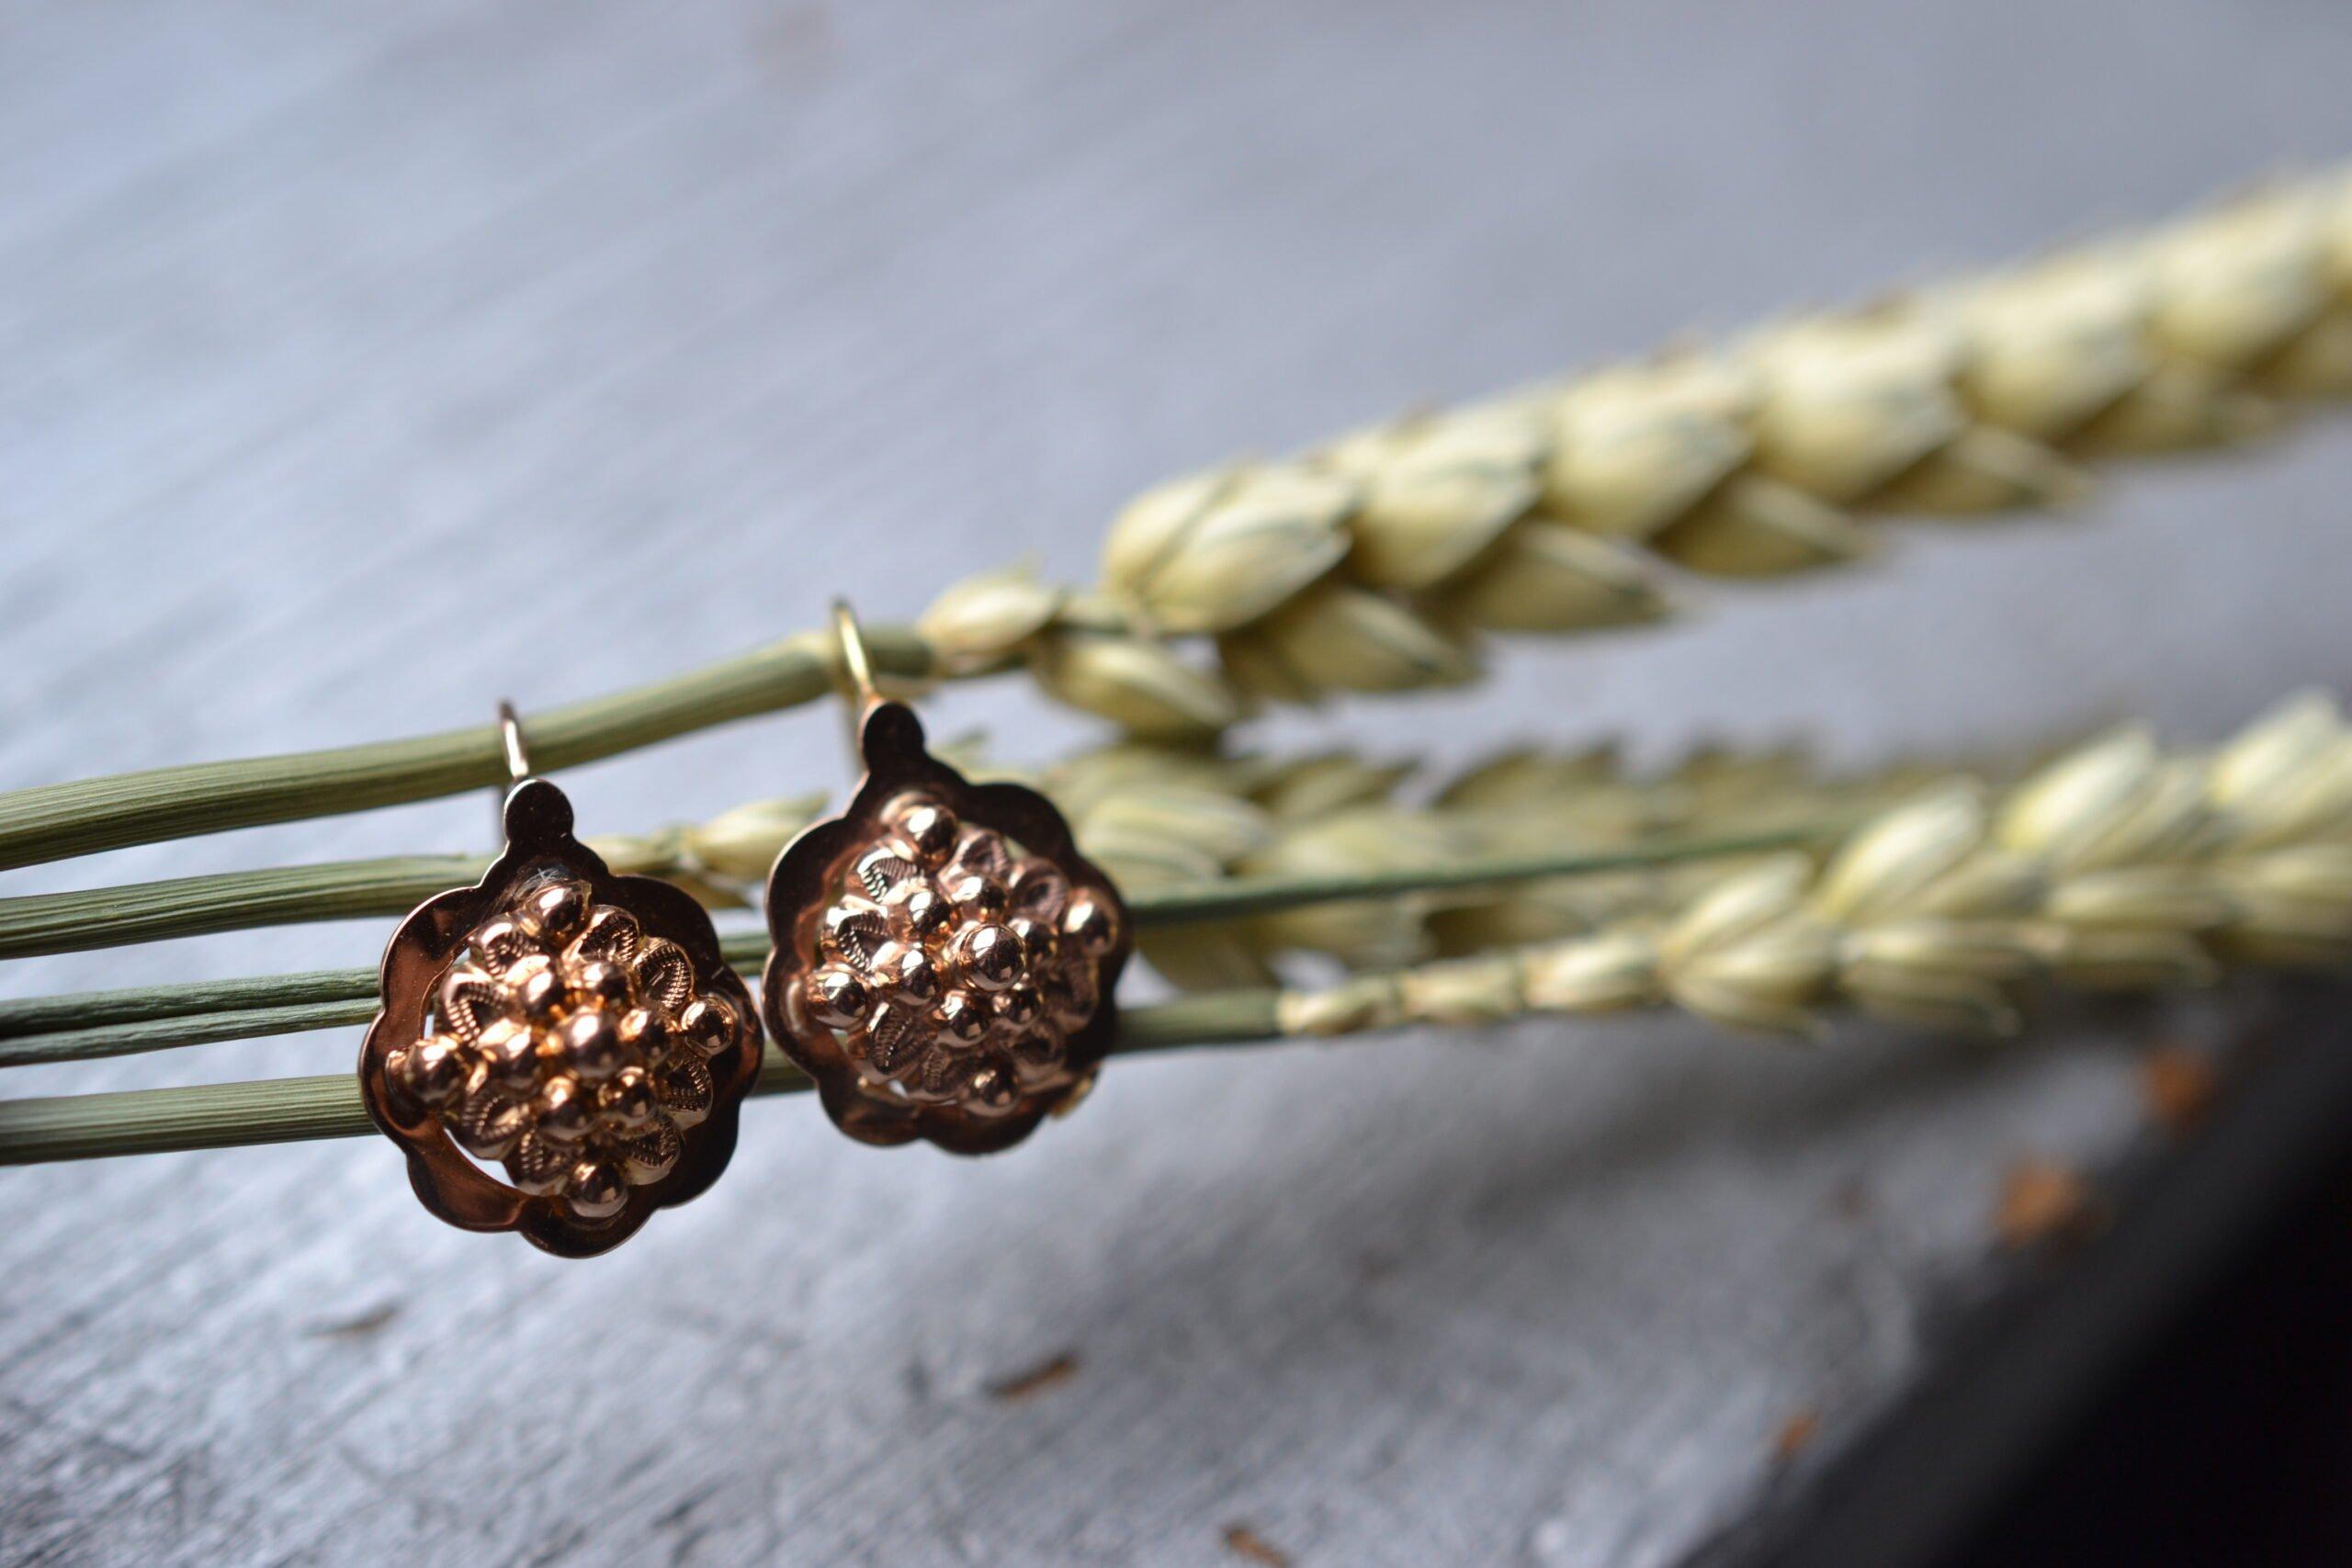 Boucles d'oreilles anciennes style dormeuses en or rose 18 carats (750/1000), à décor de fleurs